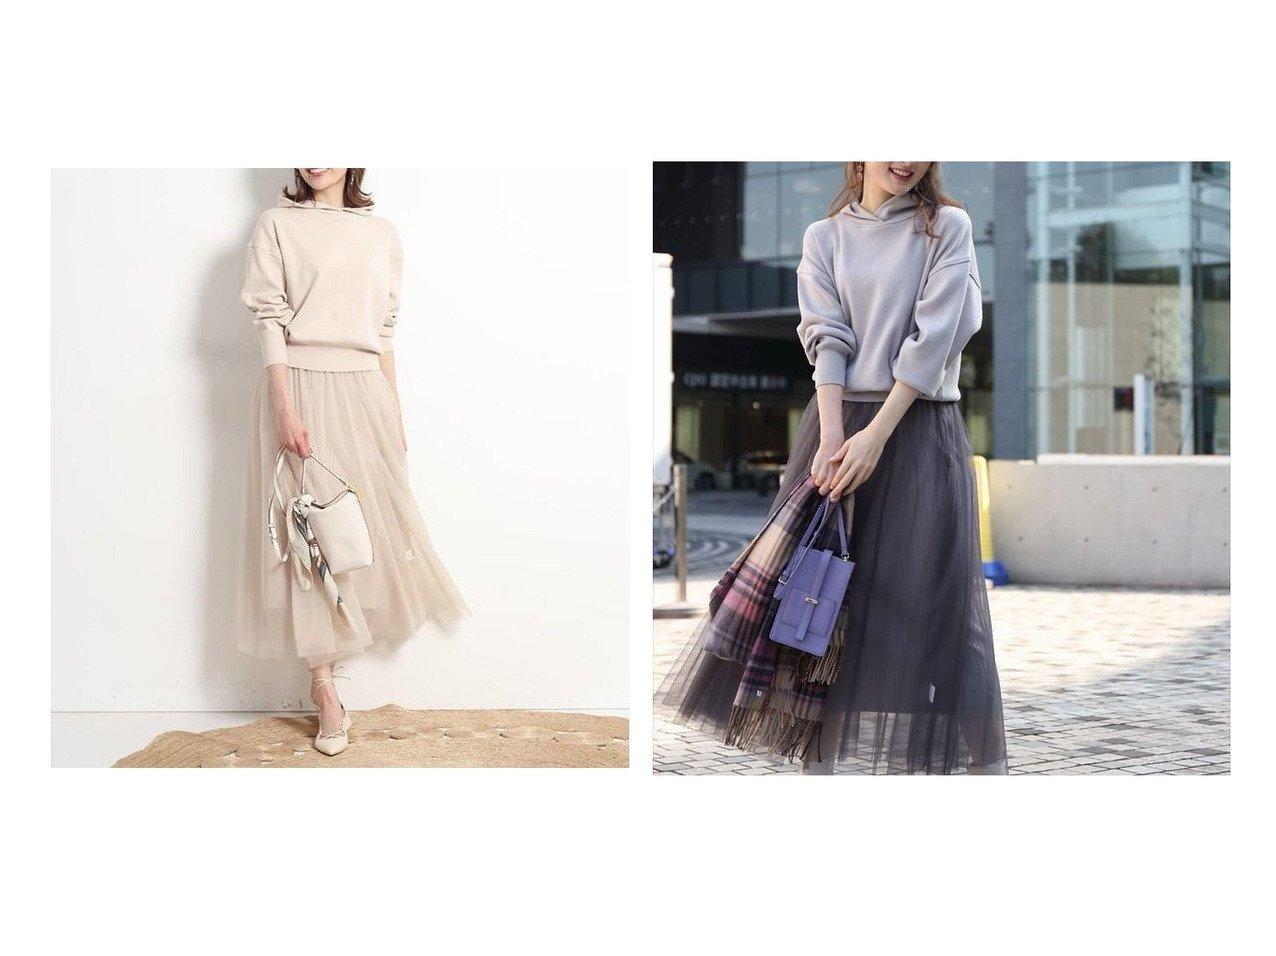 【Apuweiser-riche/アプワイザーリッシェ】のチュールスカート付フードニットアップ スカートのおすすめ!人気、トレンド・レディースファッションの通販 おすすめで人気の流行・トレンド、ファッションの通販商品 メンズファッション・キッズファッション・インテリア・家具・レディースファッション・服の通販 founy(ファニー) https://founy.com/ ファッション Fashion レディースファッション WOMEN セットアップ Setup トップス Tops スカート Skirt スカート Skirt Aライン/フレアスカート Flared A-Line Skirts NEW・新作・新着・新入荷 New Arrivals ギャザー セットアップ チュール フェミニン フレア  ID:crp329100000022470